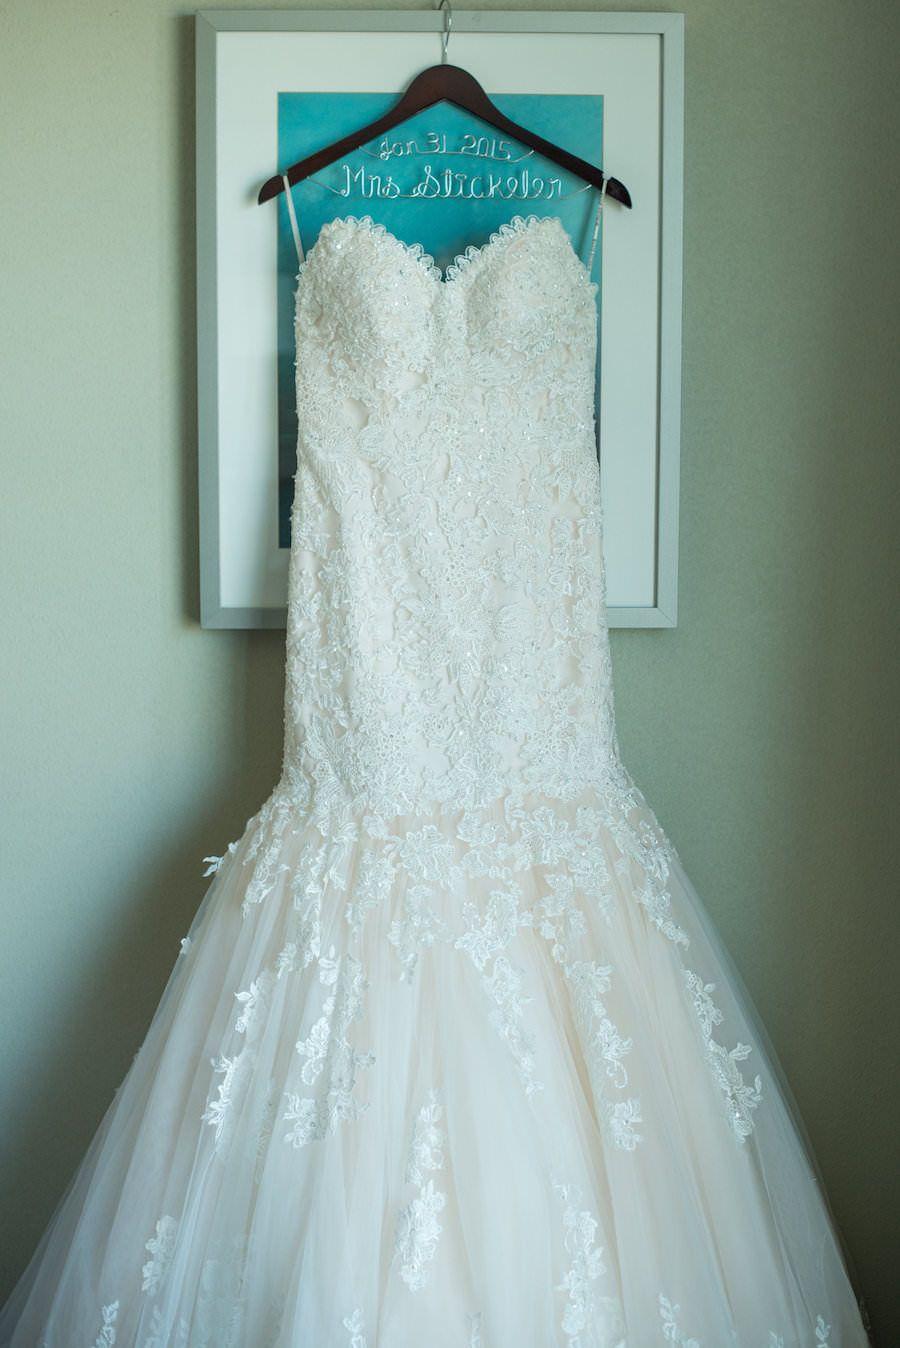 Ivory, Beaded Lace Strapless Wedding Dress on Customized Wedding ...